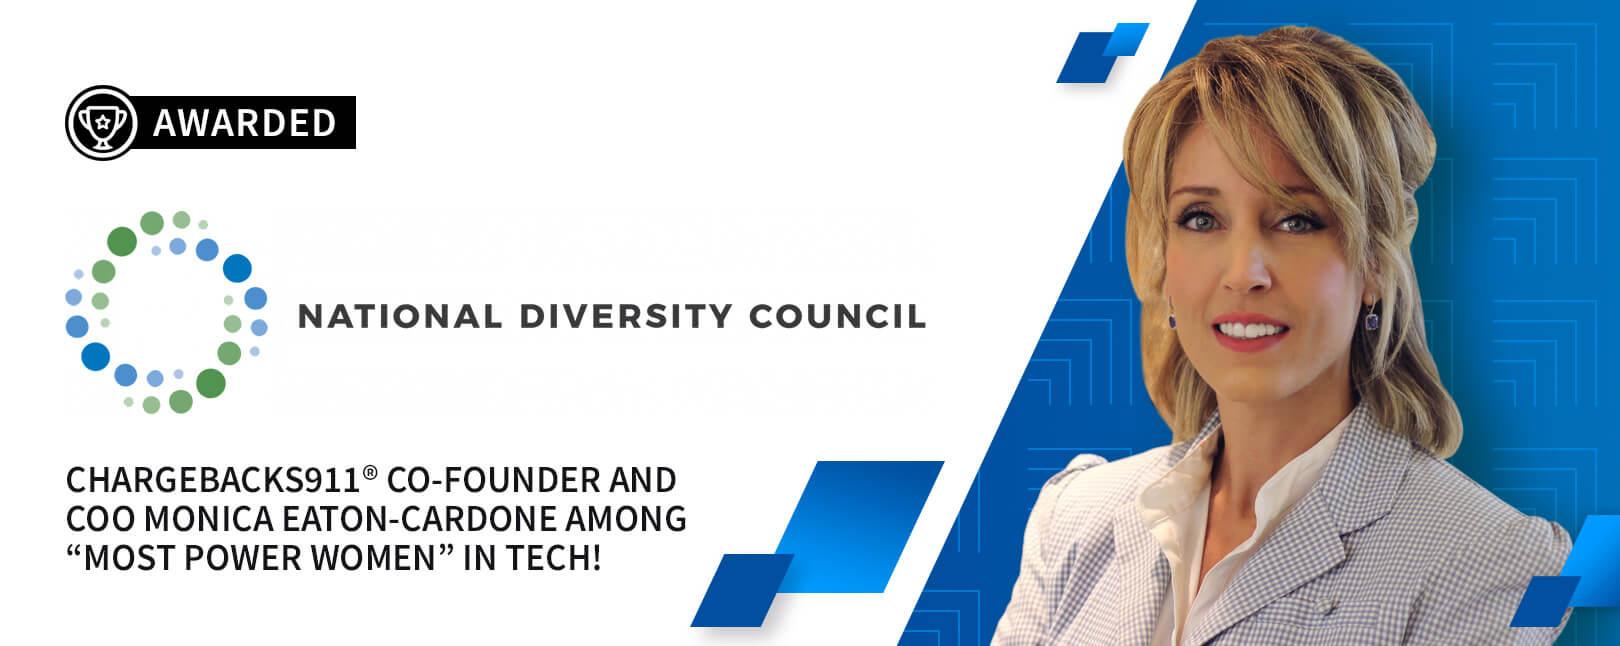 Most Power Women in Tech